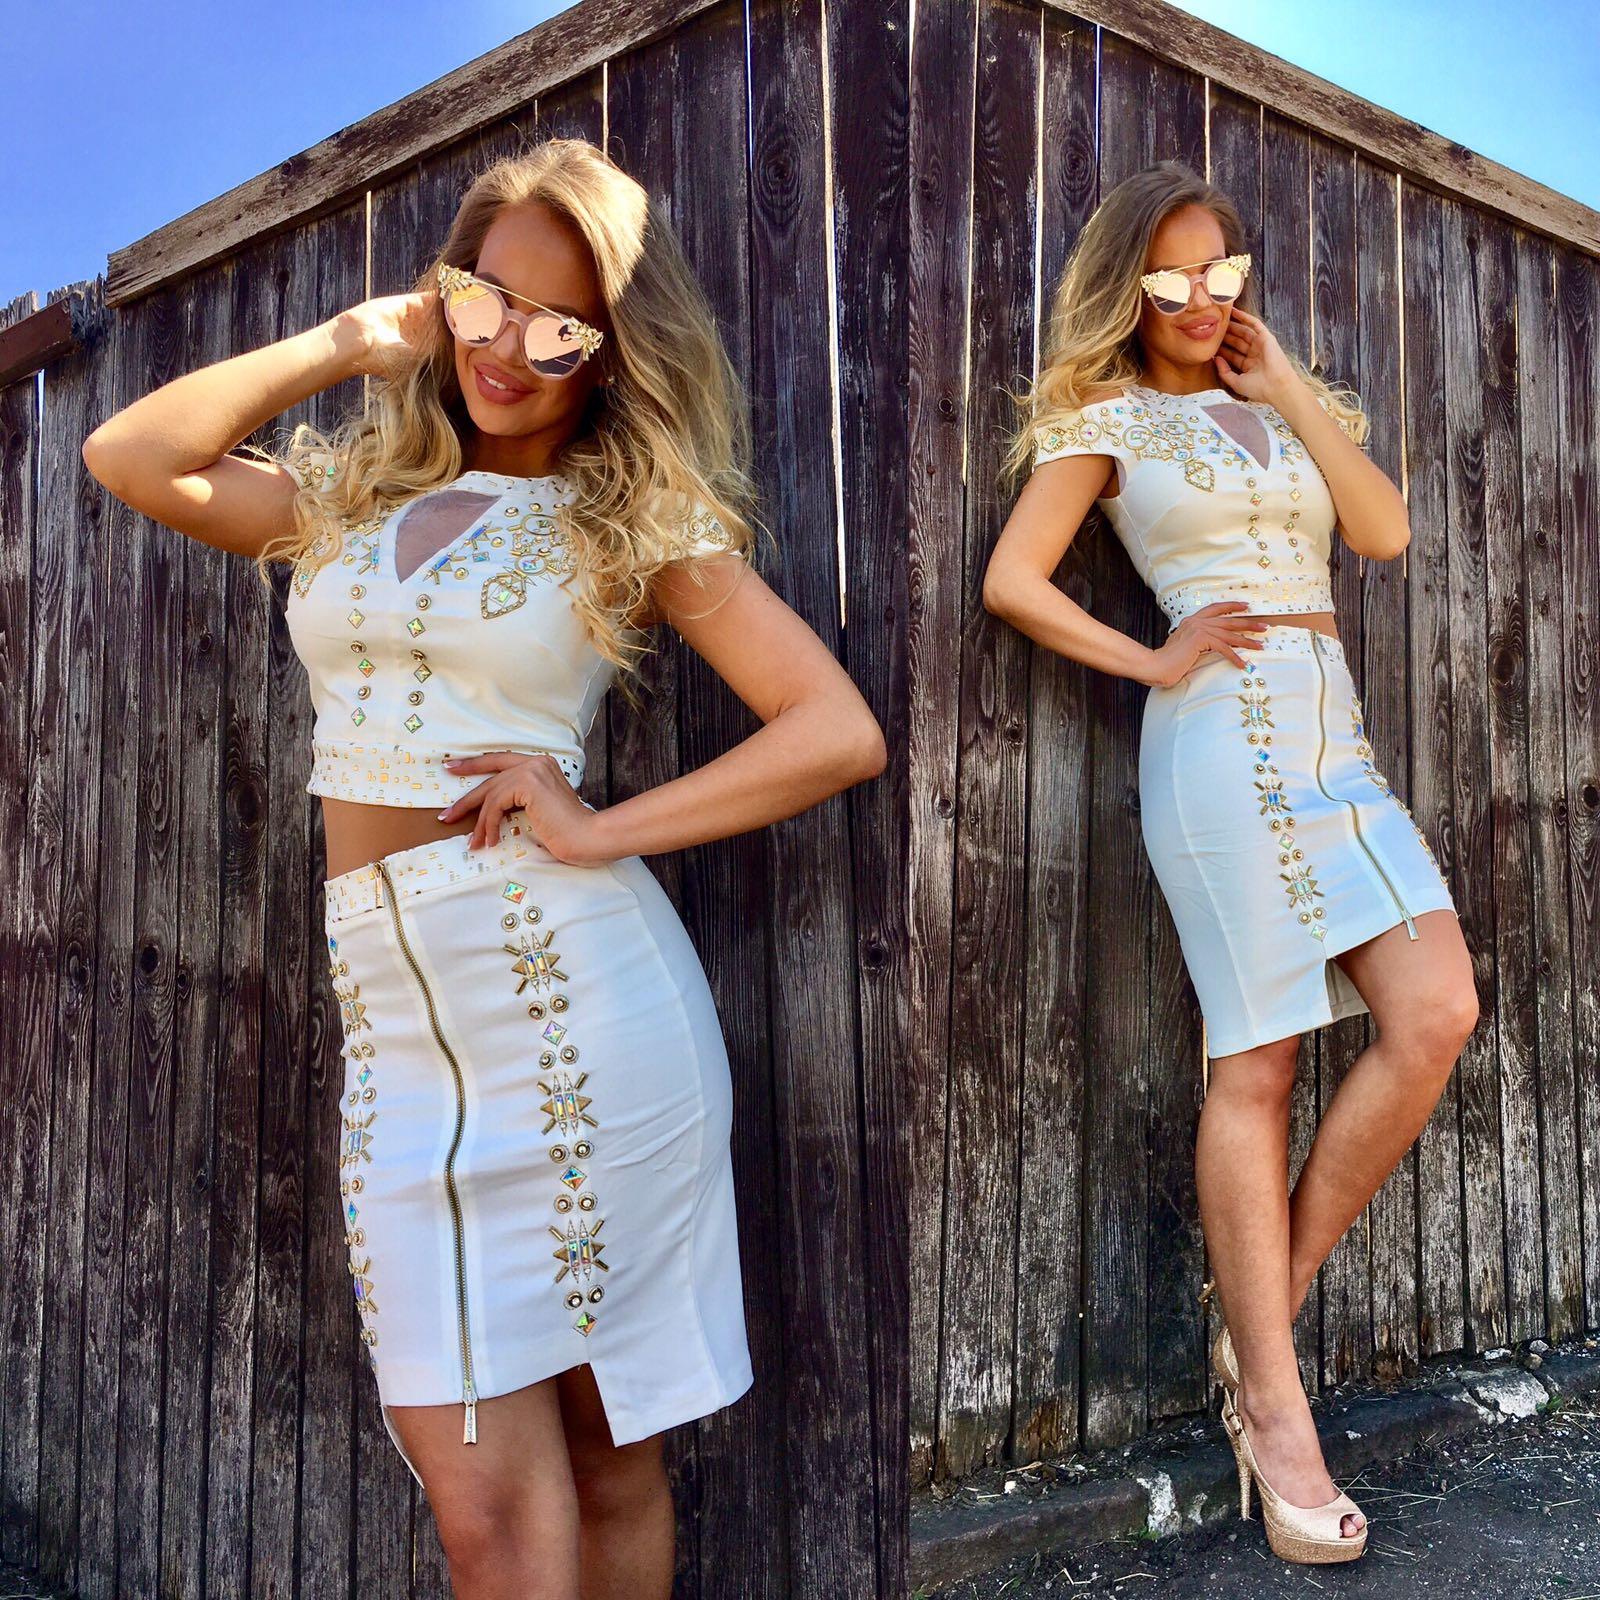 Dámsky biely sukňový komplet NI GOLD s kryštálmi - 38 odporúčame pre M